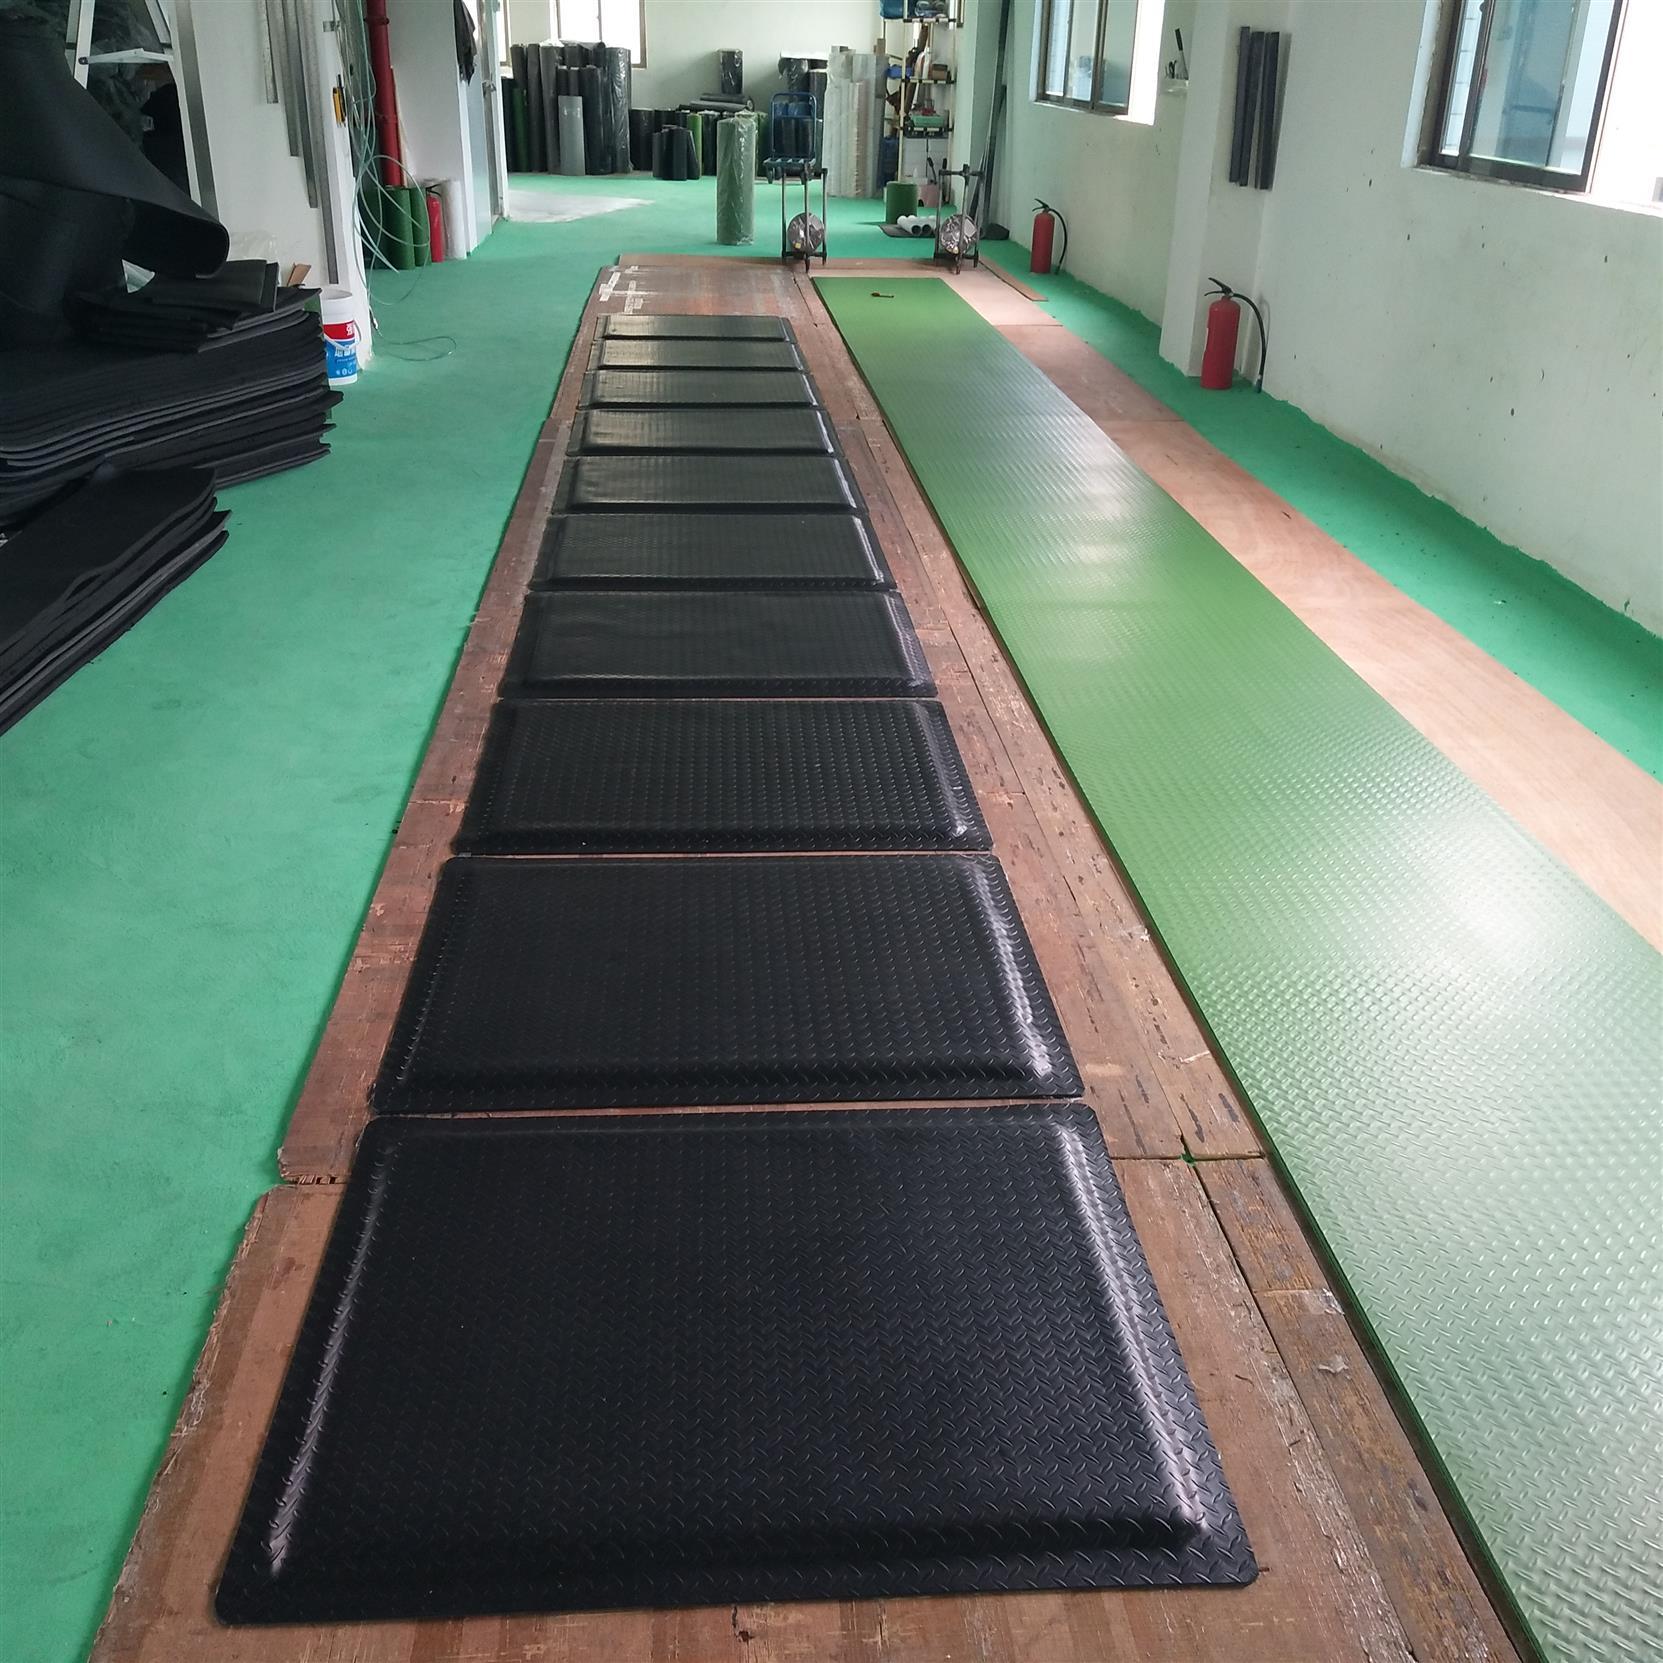 廣東防靜電抗疲勞地墊生產廠家 弱酸弱堿